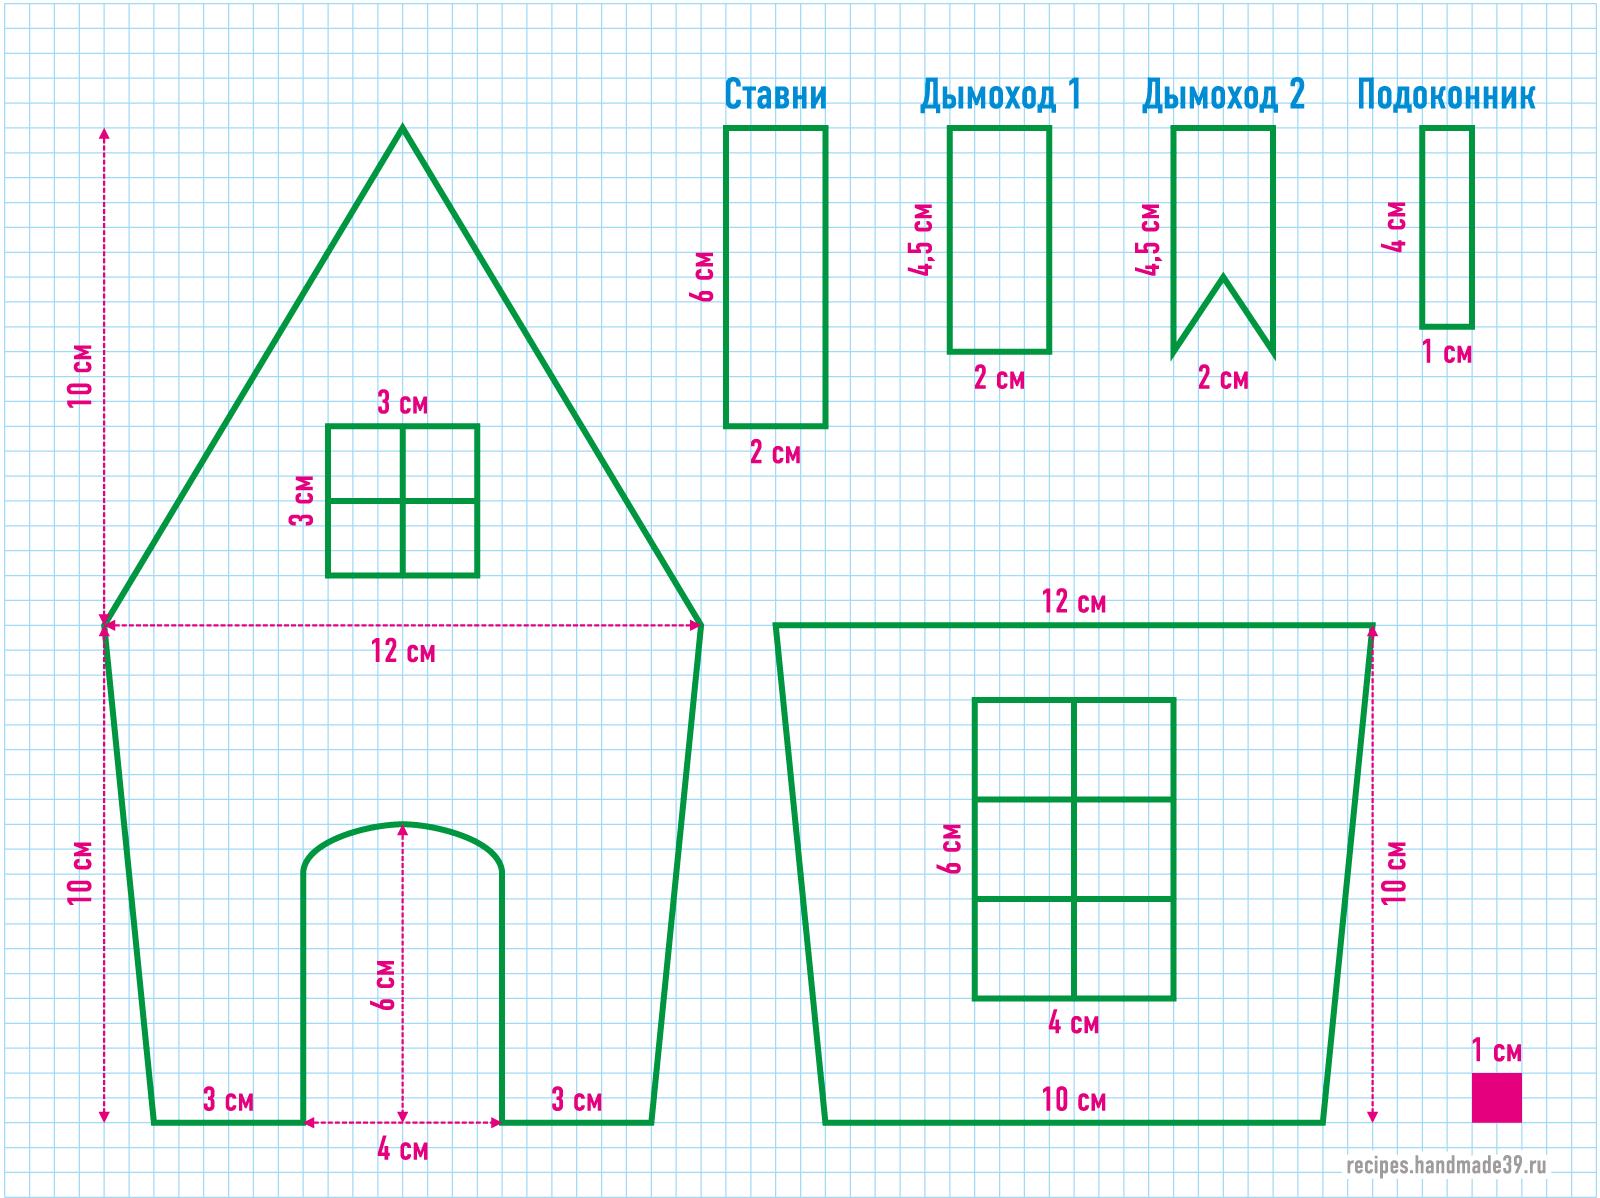 Пряничный домик с глазурью – пошаговый рецепт с фото и схемой выпечки